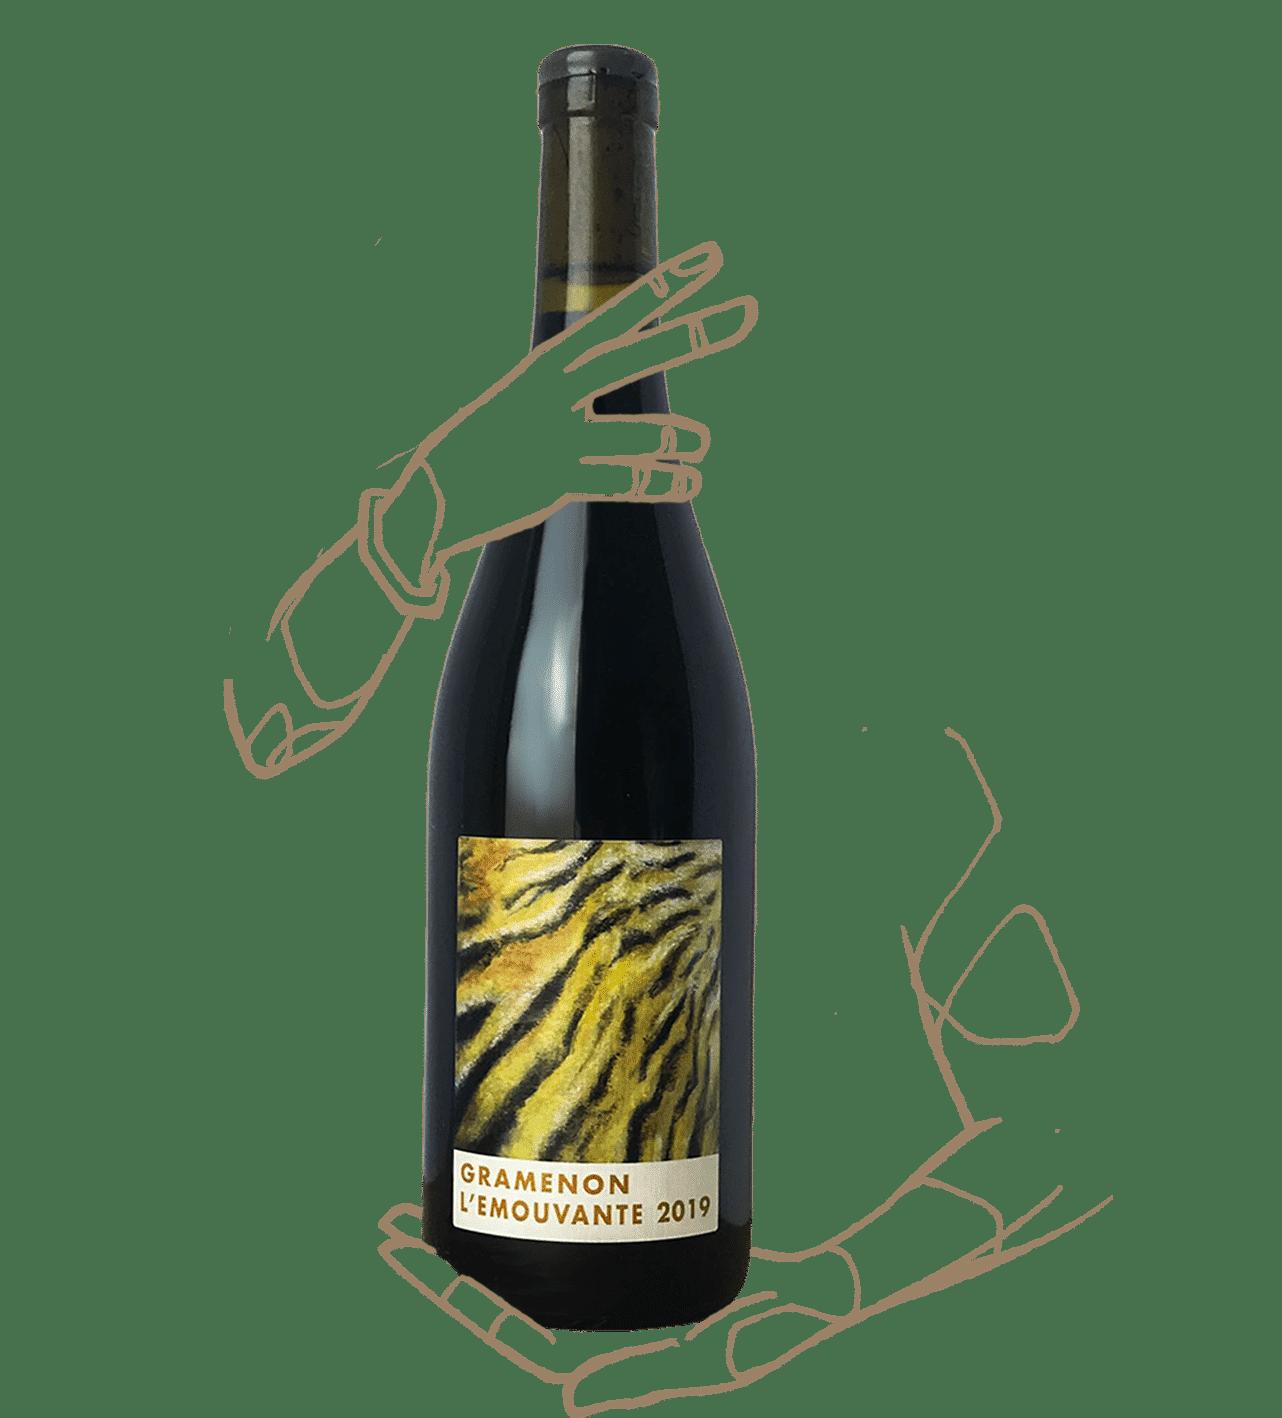 L'emouvante du domaine de Gramenon est un vin naturel